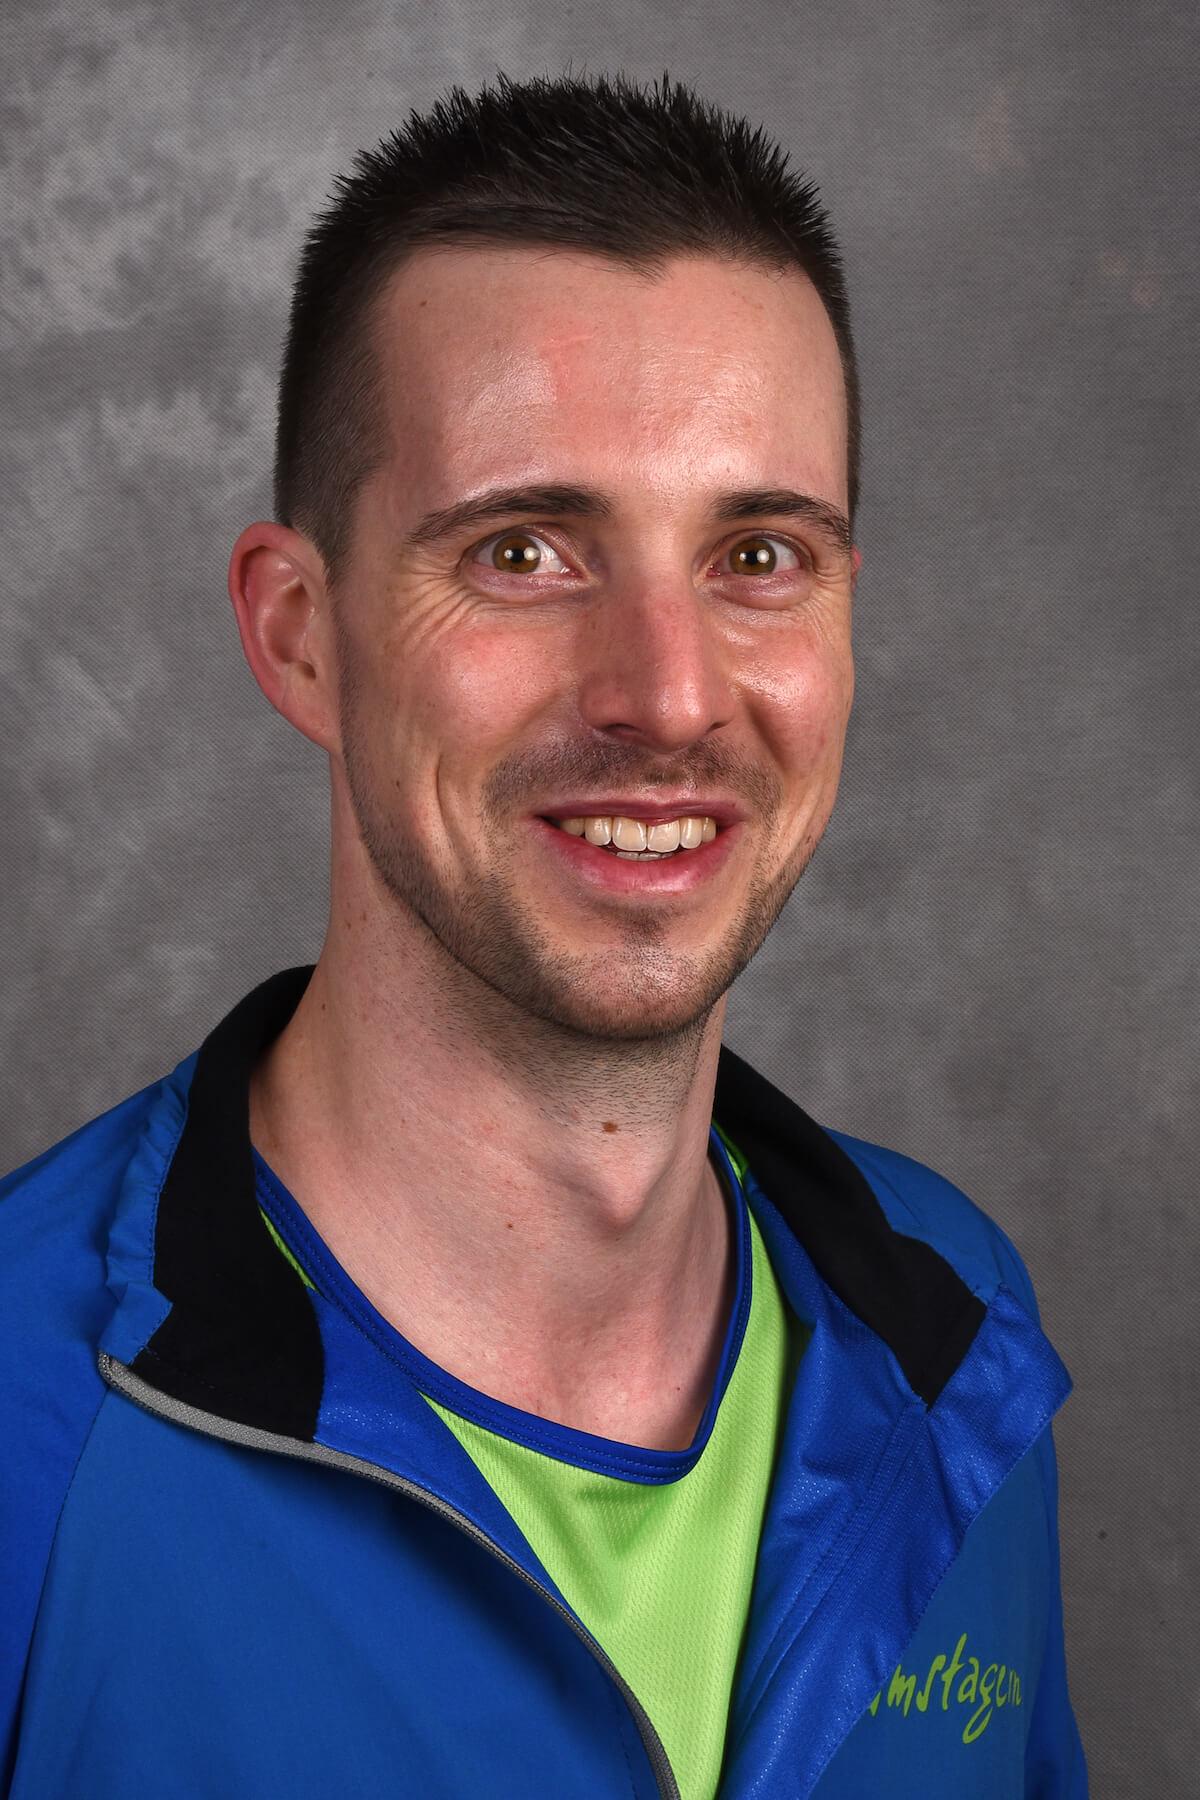 Daniel Wueest